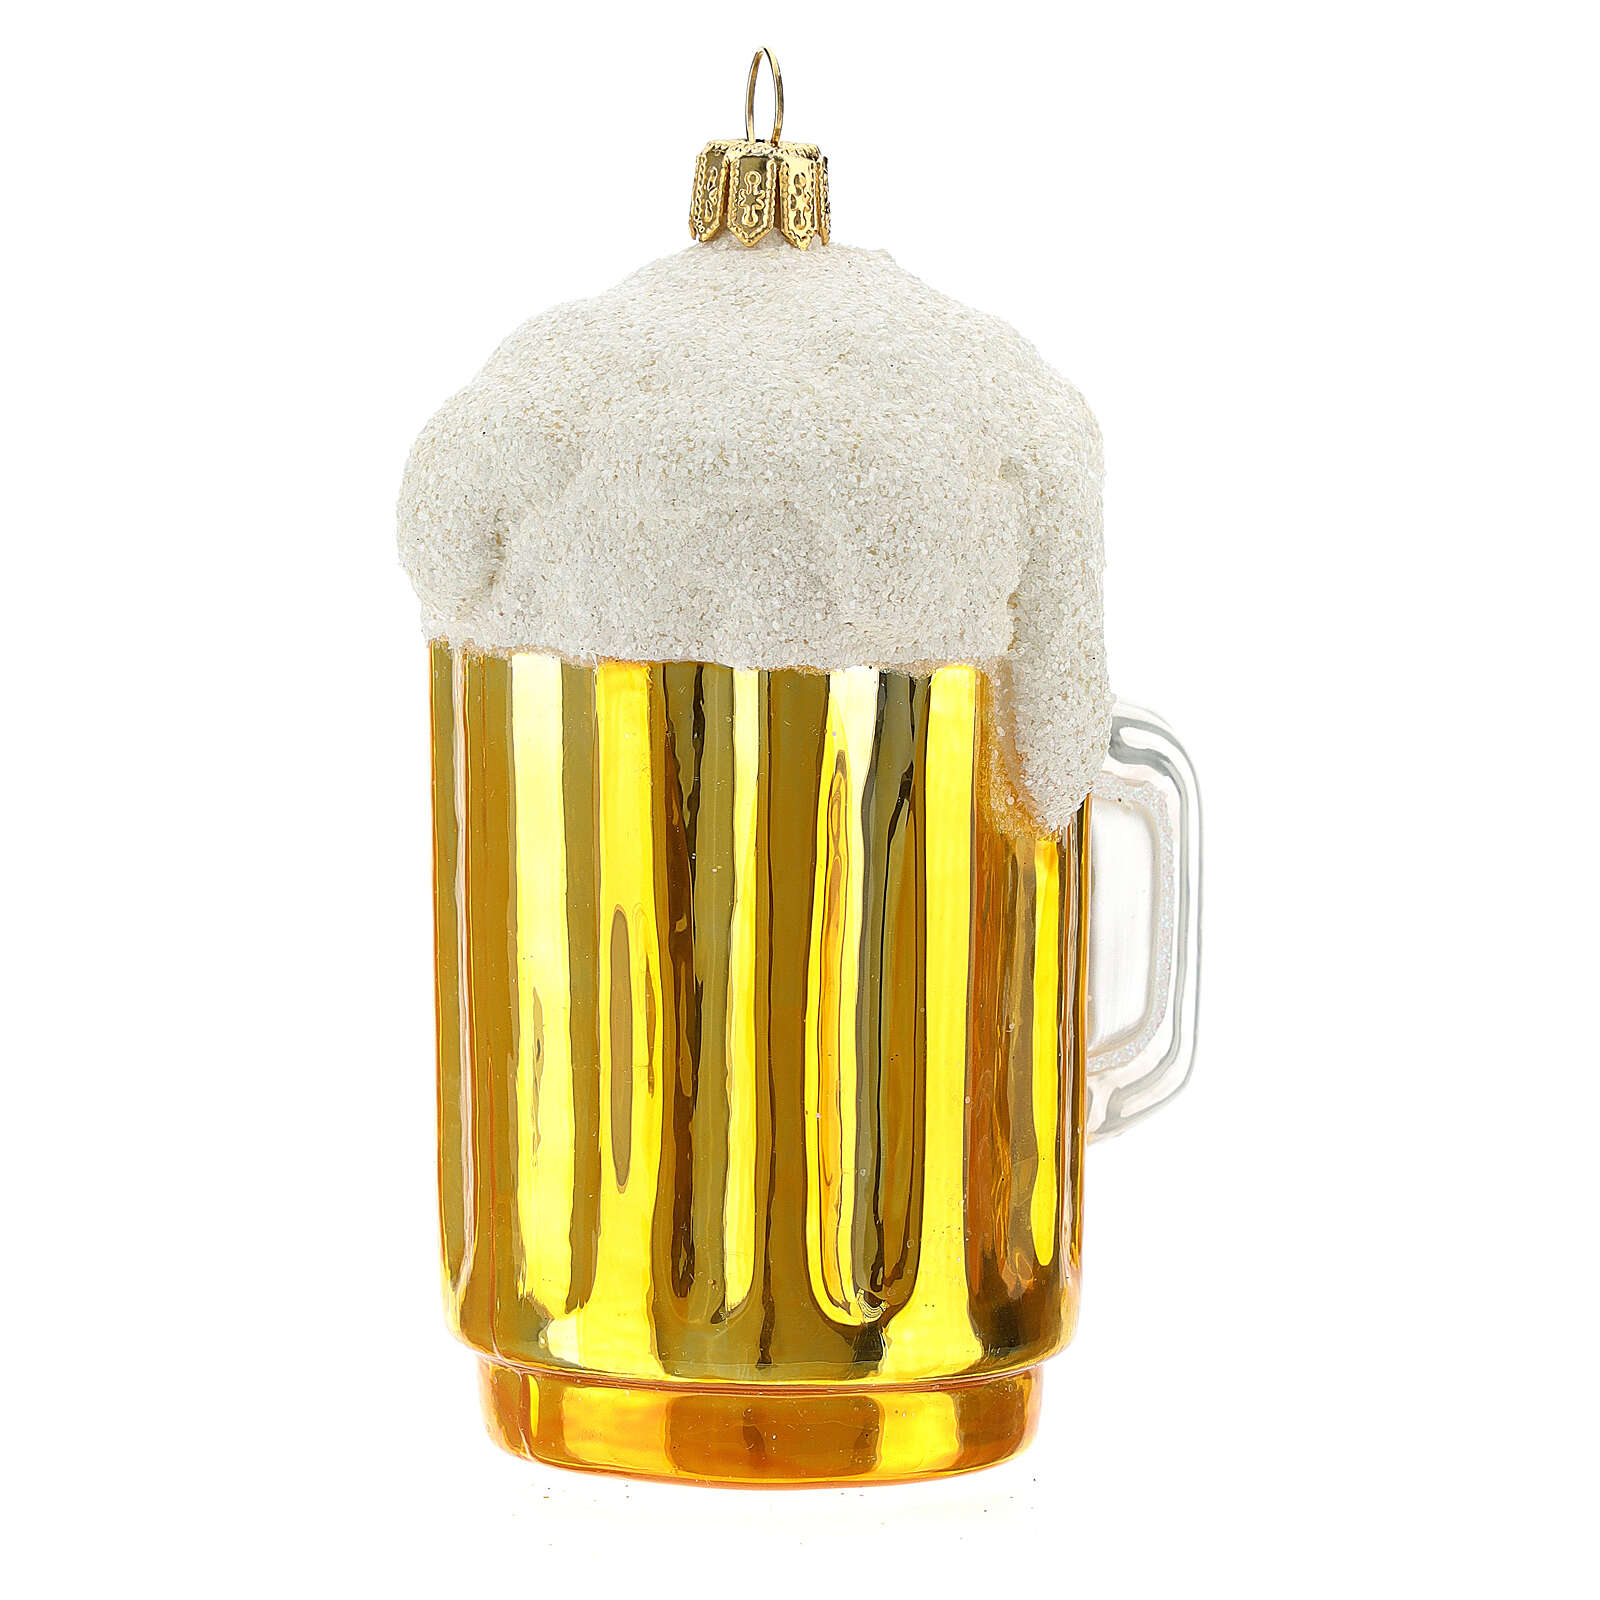 Caña cerveza decoración árbol Navidad vidrio soplado 4